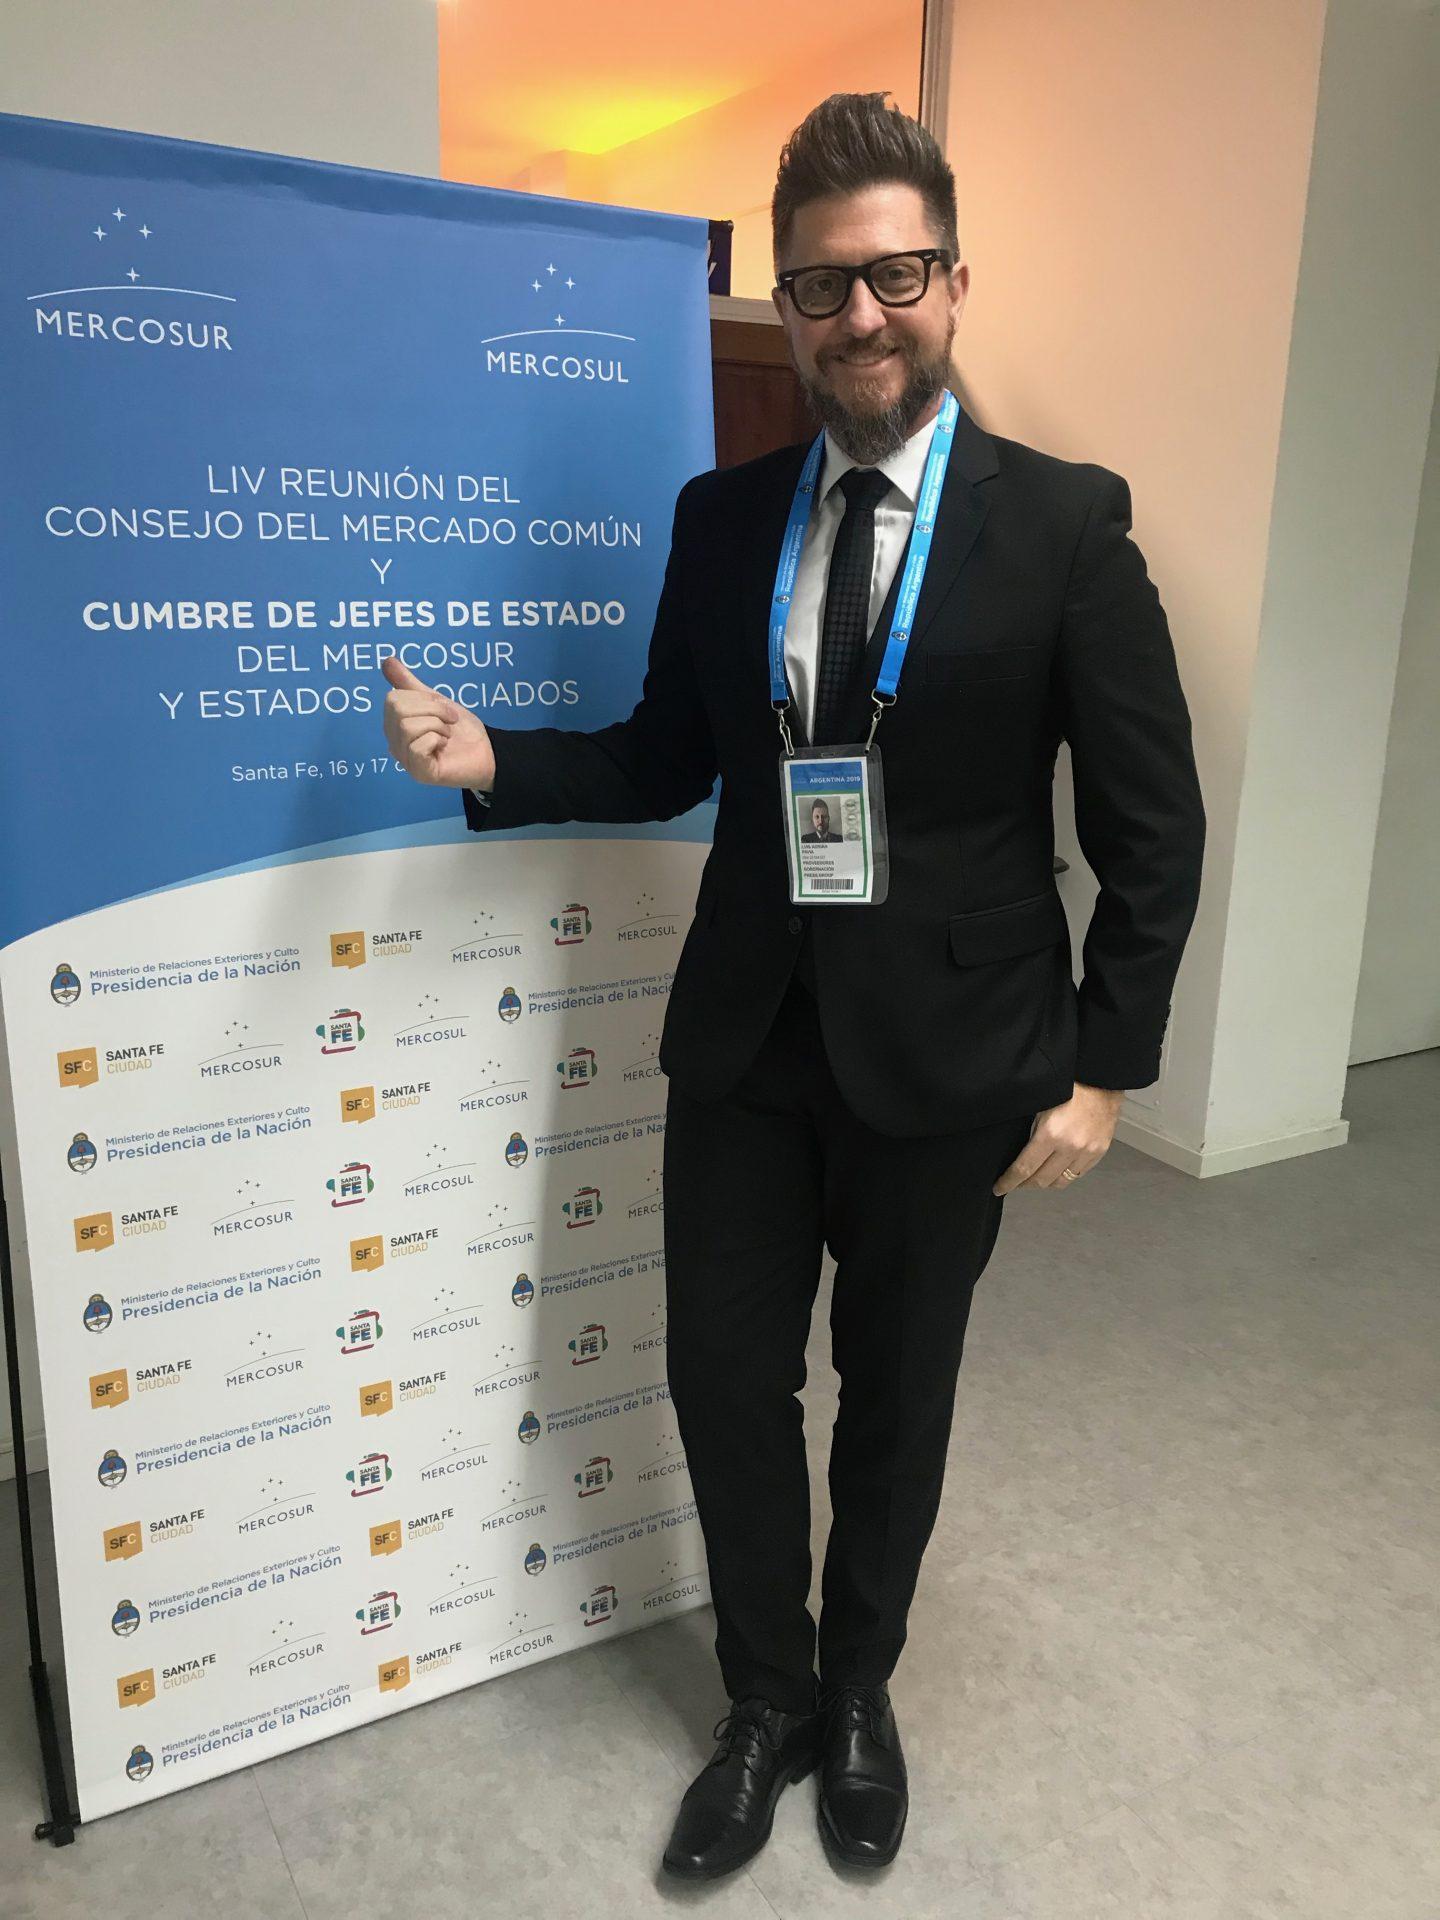 Cumbre Mercosur 2019